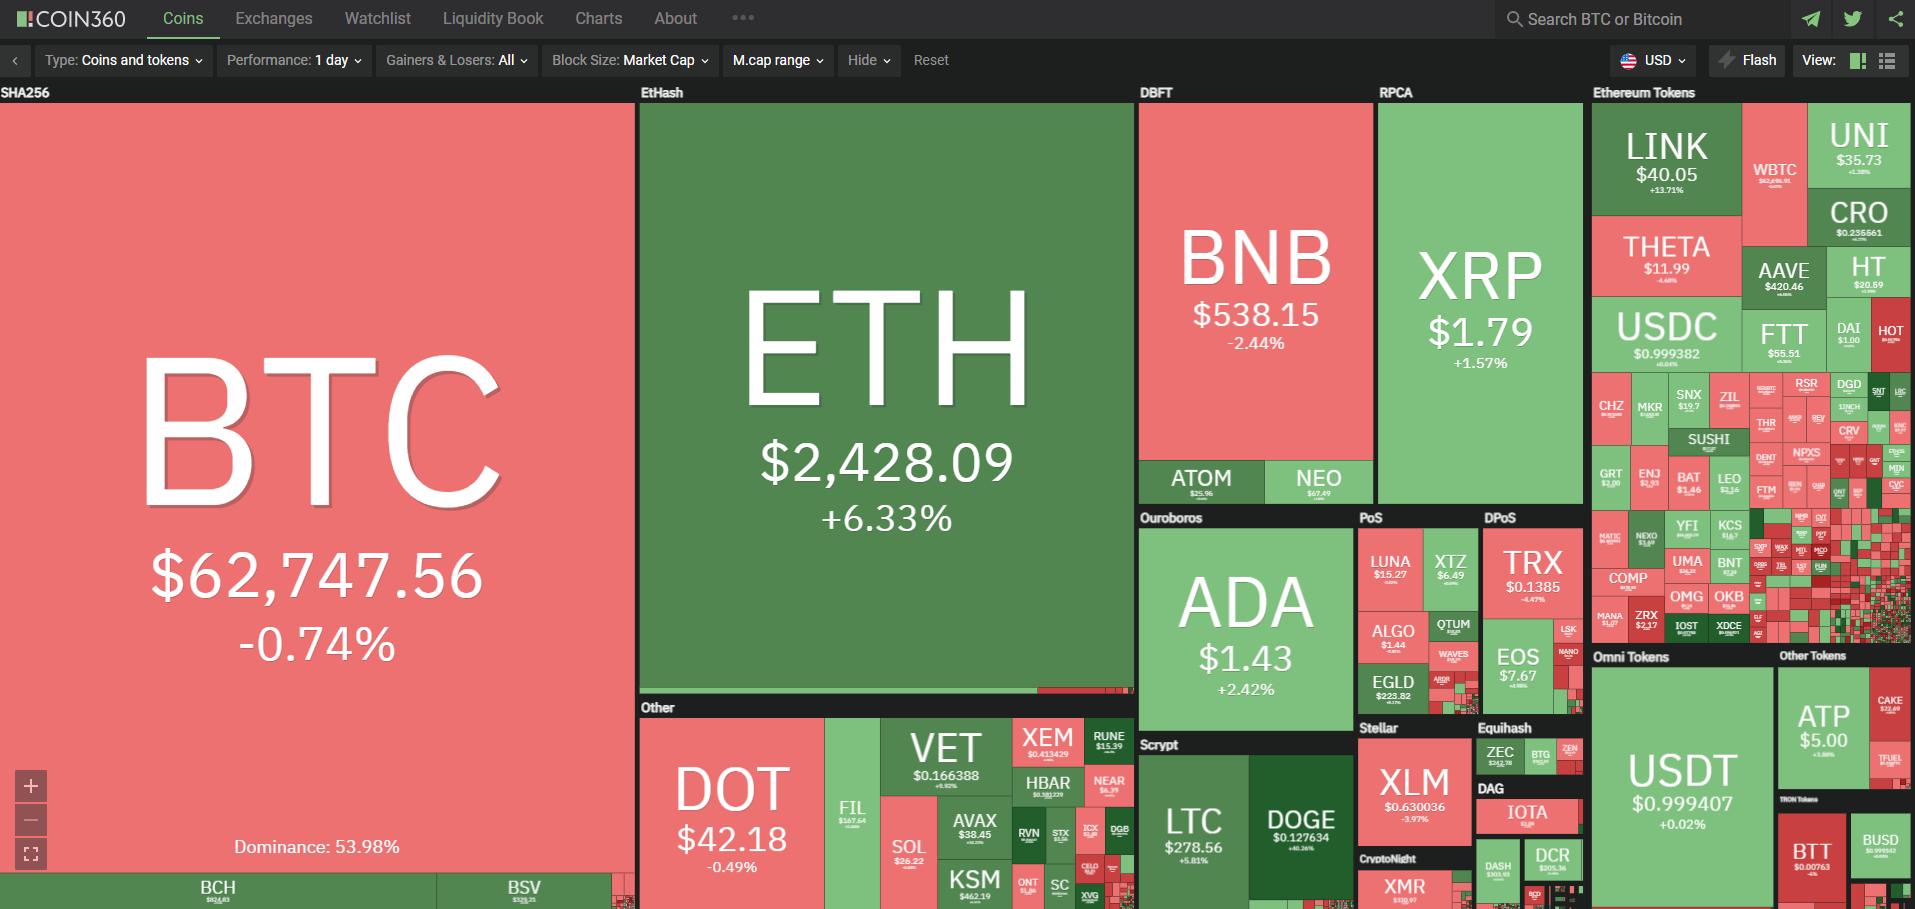 Toàn cảnh thị trường tiền kĩ thuật số ngày 15/4/2021. (Ảnh: Coin360.com).